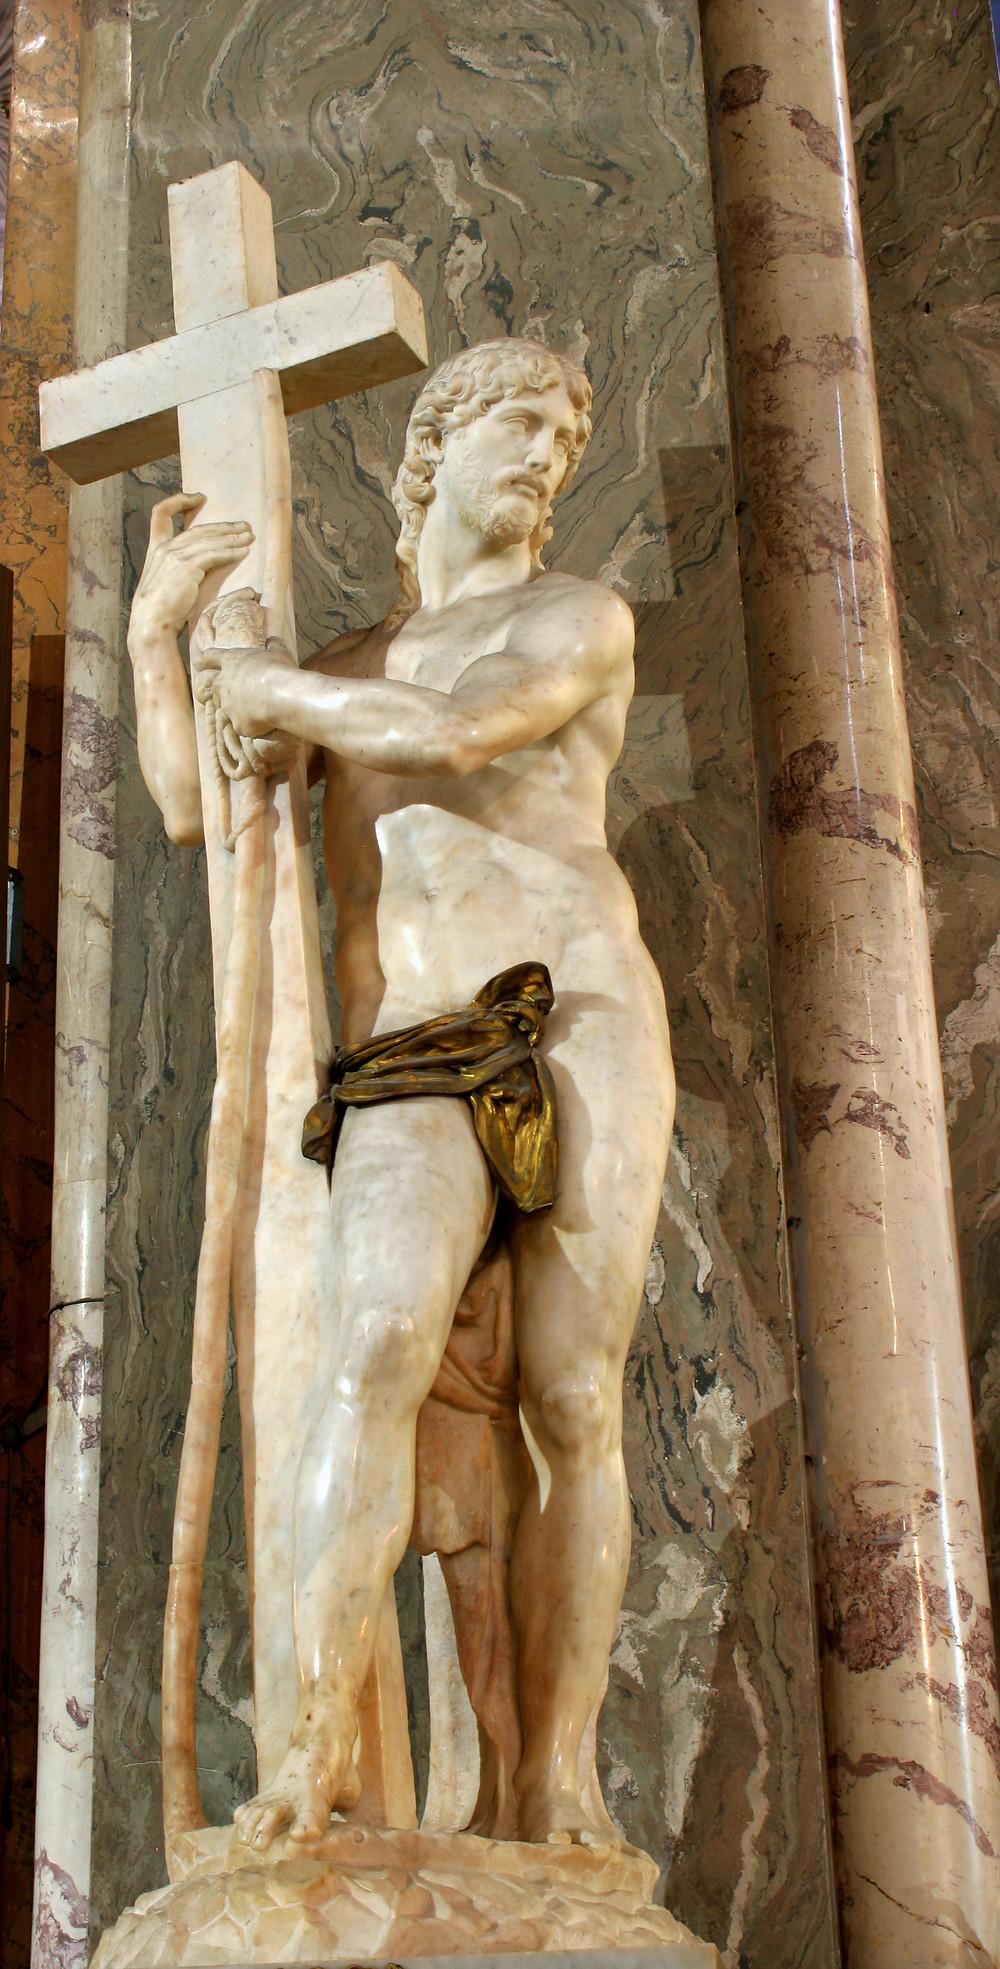 Michelangelo Sculpture of Christ Bearing the Cross